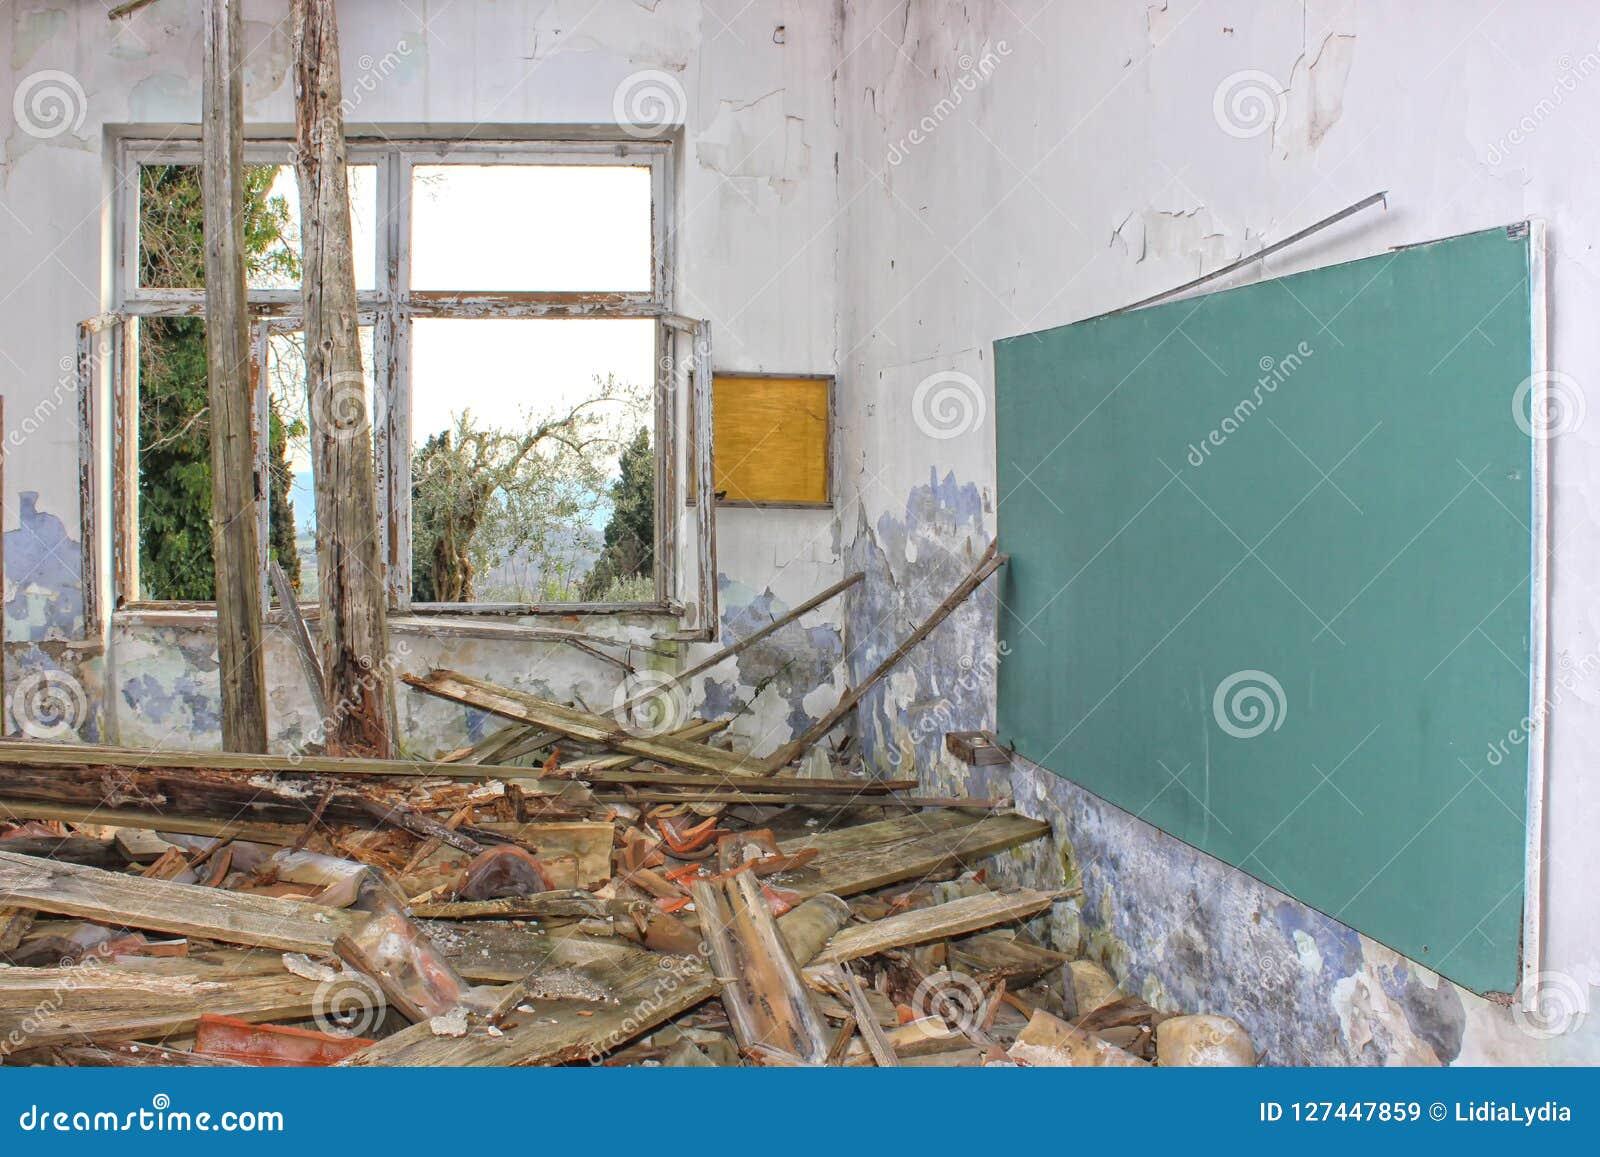 Imagem dramática da escola esquecida, destruída, abandonada